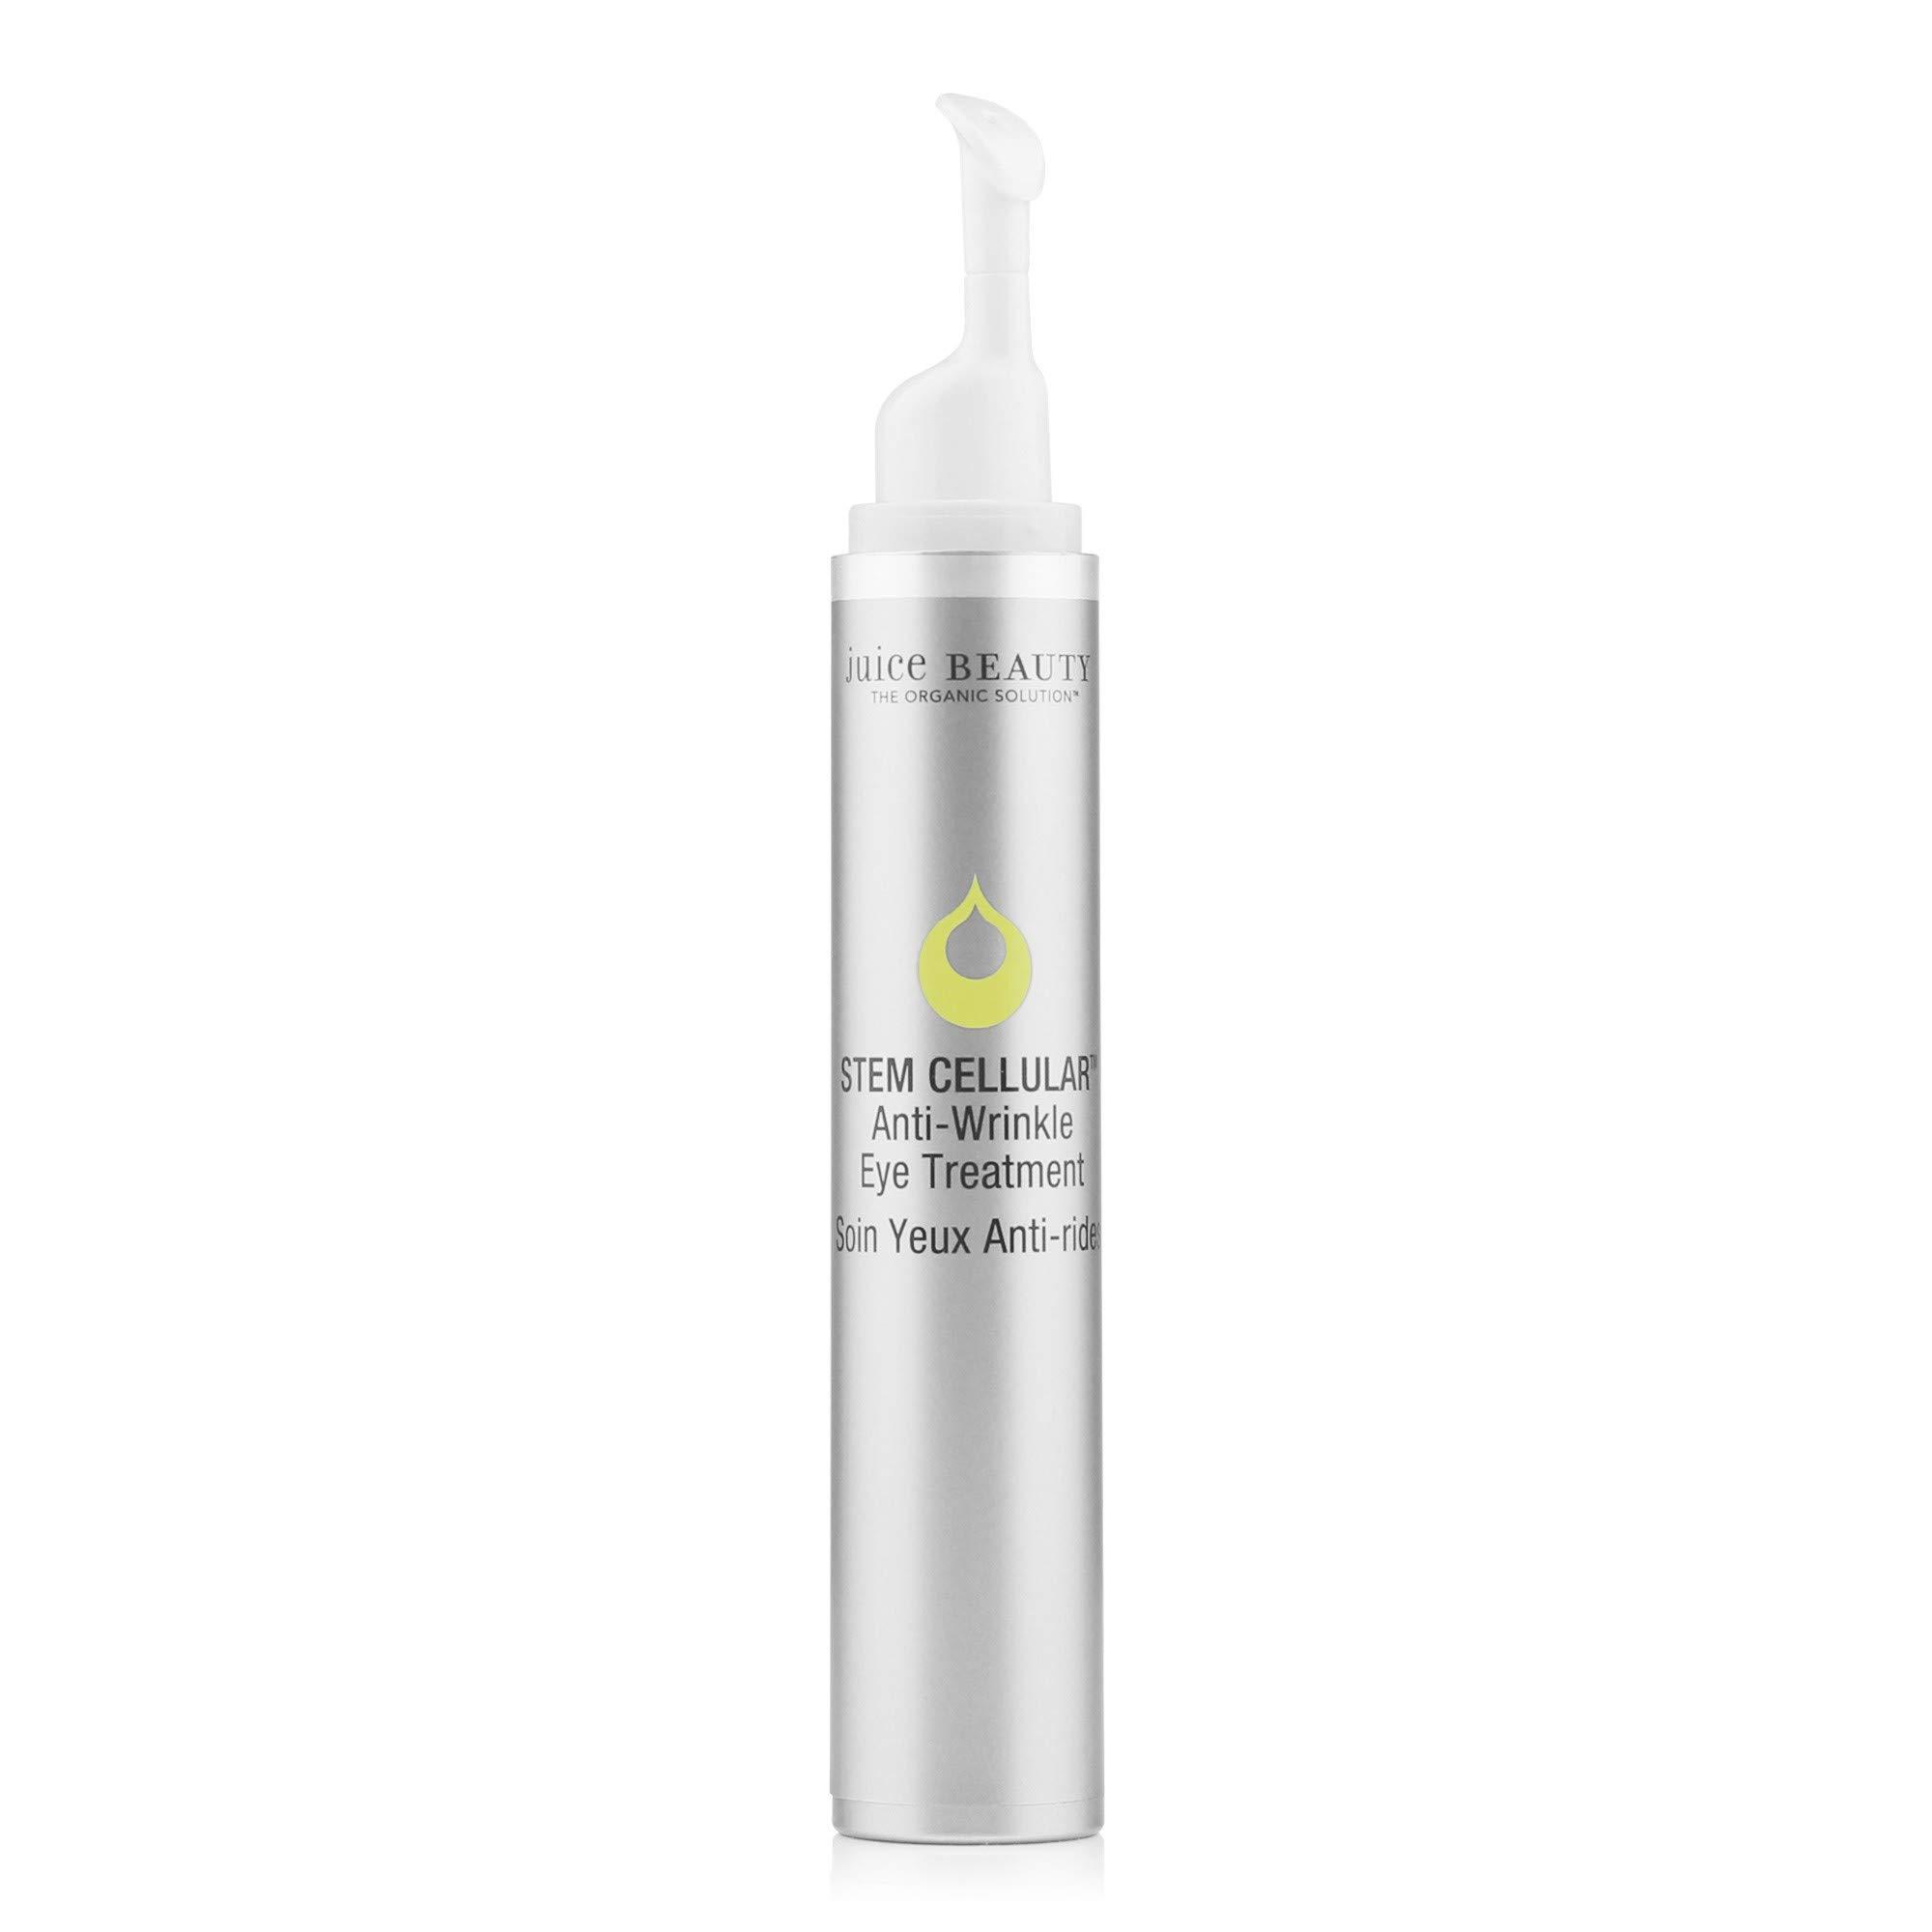 Juice Beauty Stem Cellular Instant Eye Lift Algae Mask and Anti-Wrinkle Eye Treatment